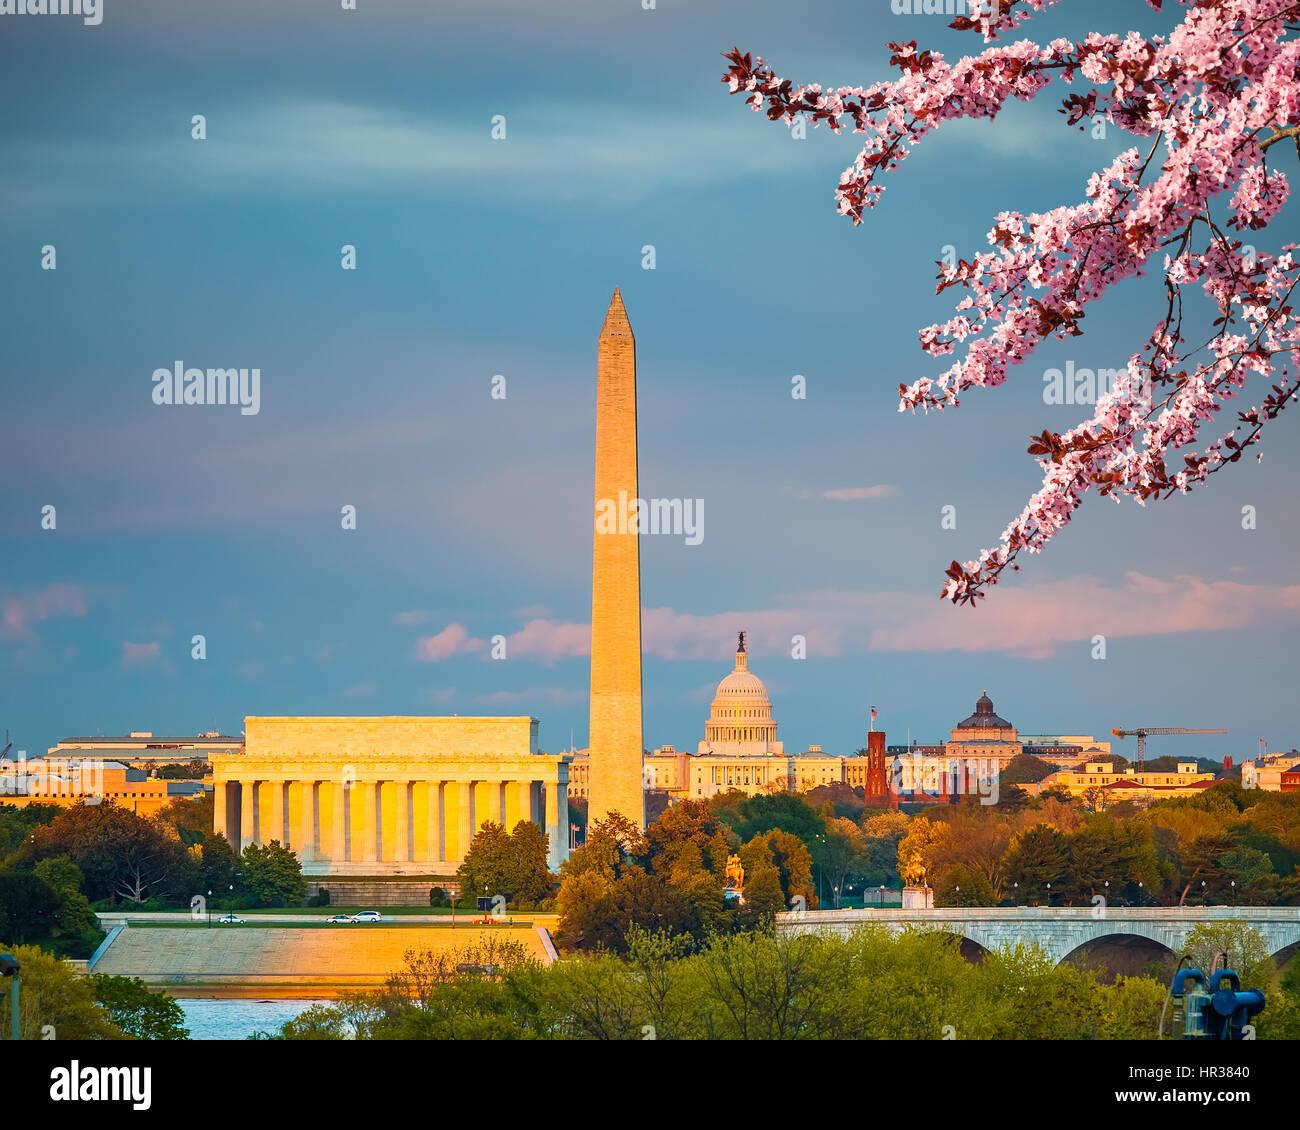 Los cerezos en flor en Washington D.C. Imagen De Stock